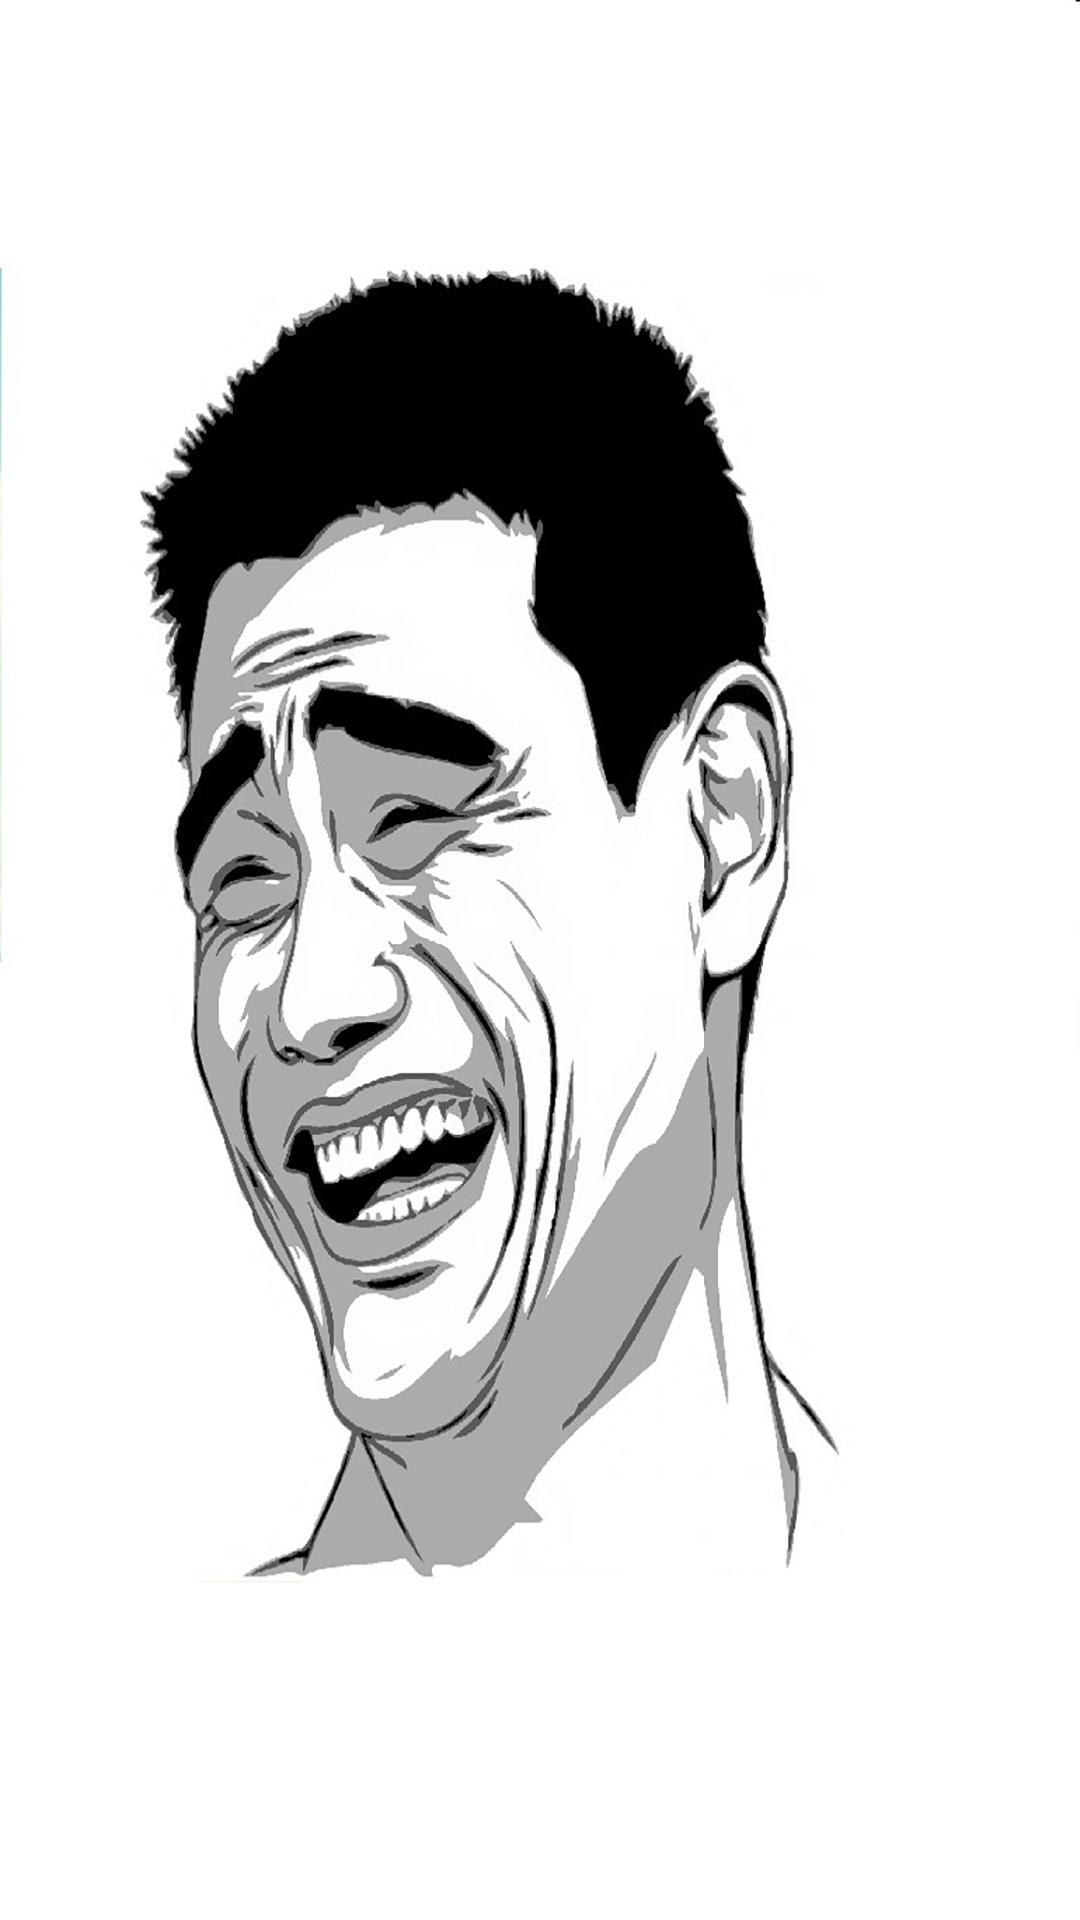 Meme Man Full HD Wallpapers Free Download